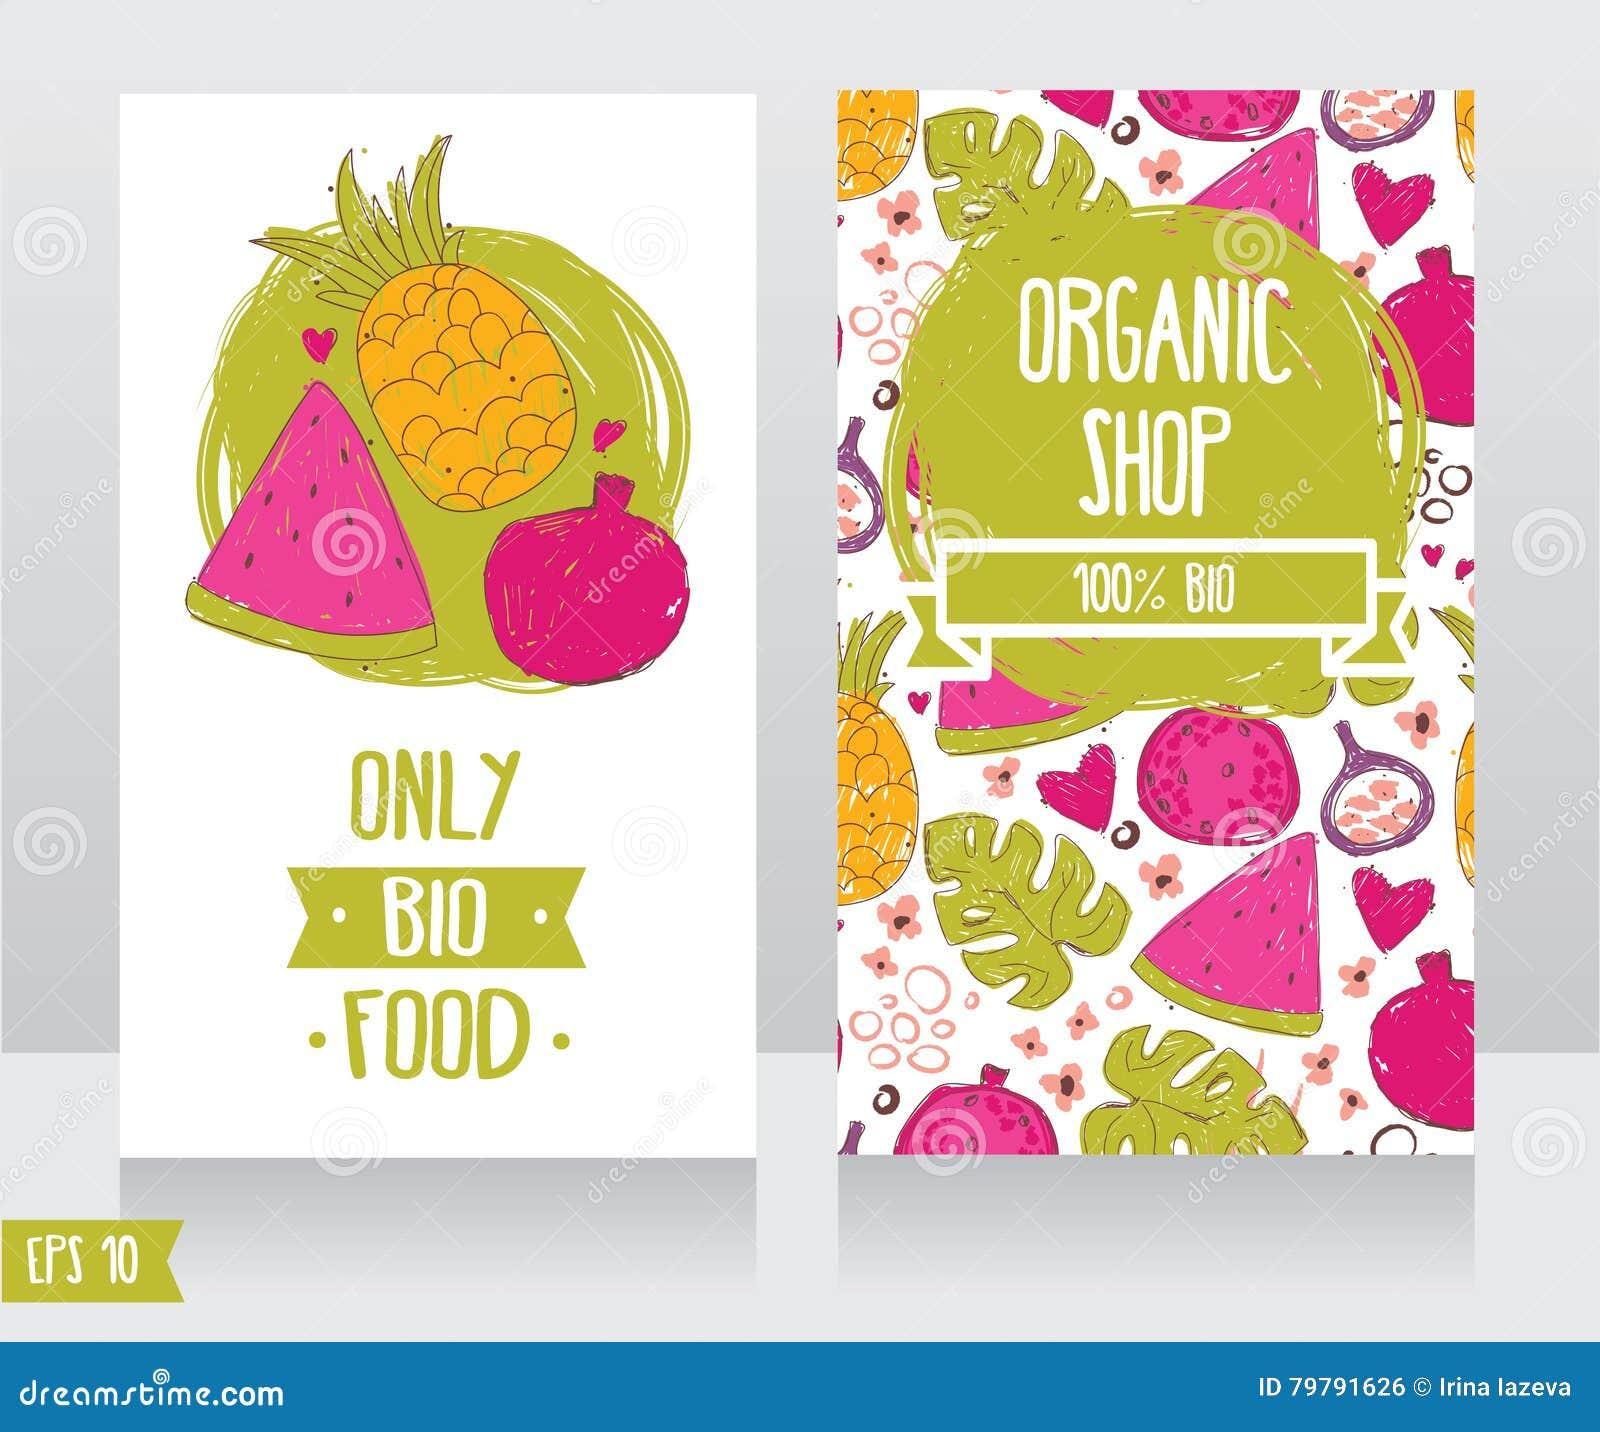 Calibre De Cartes Visite Professionnelle Pour La Boutique Nourritures Organiques Ou Le